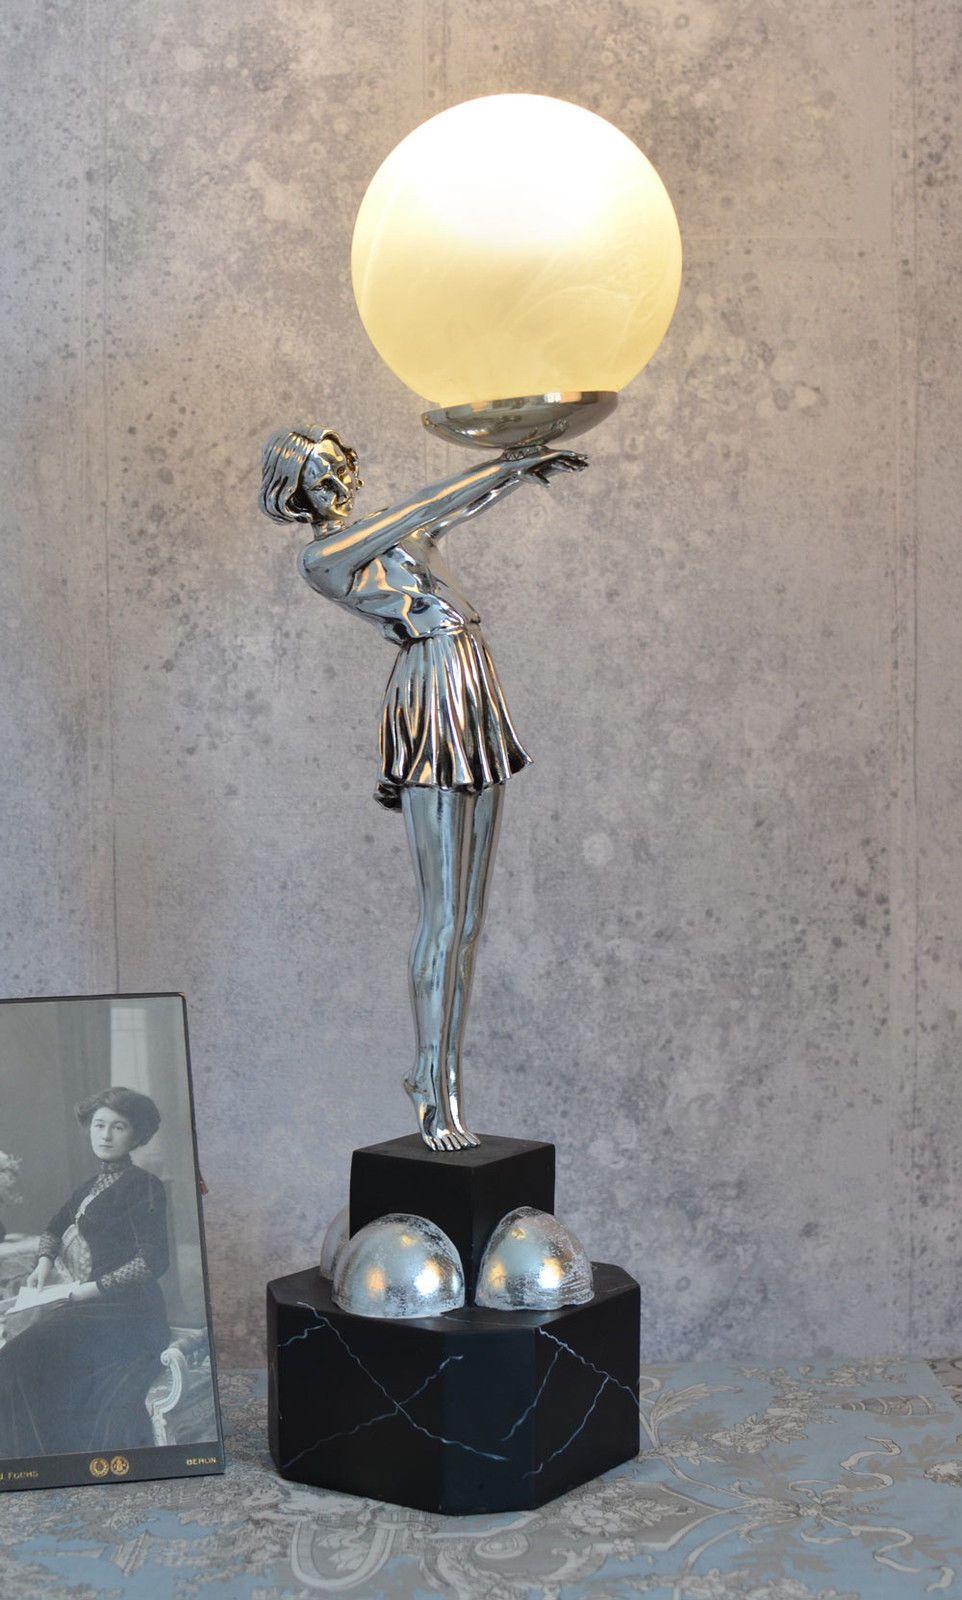 Lampe Art Deco Tischlampe Frauenfigur Silber Tischleuchte Kugelschirm Metropolis Tischleuchte Art Deco Tischlampen